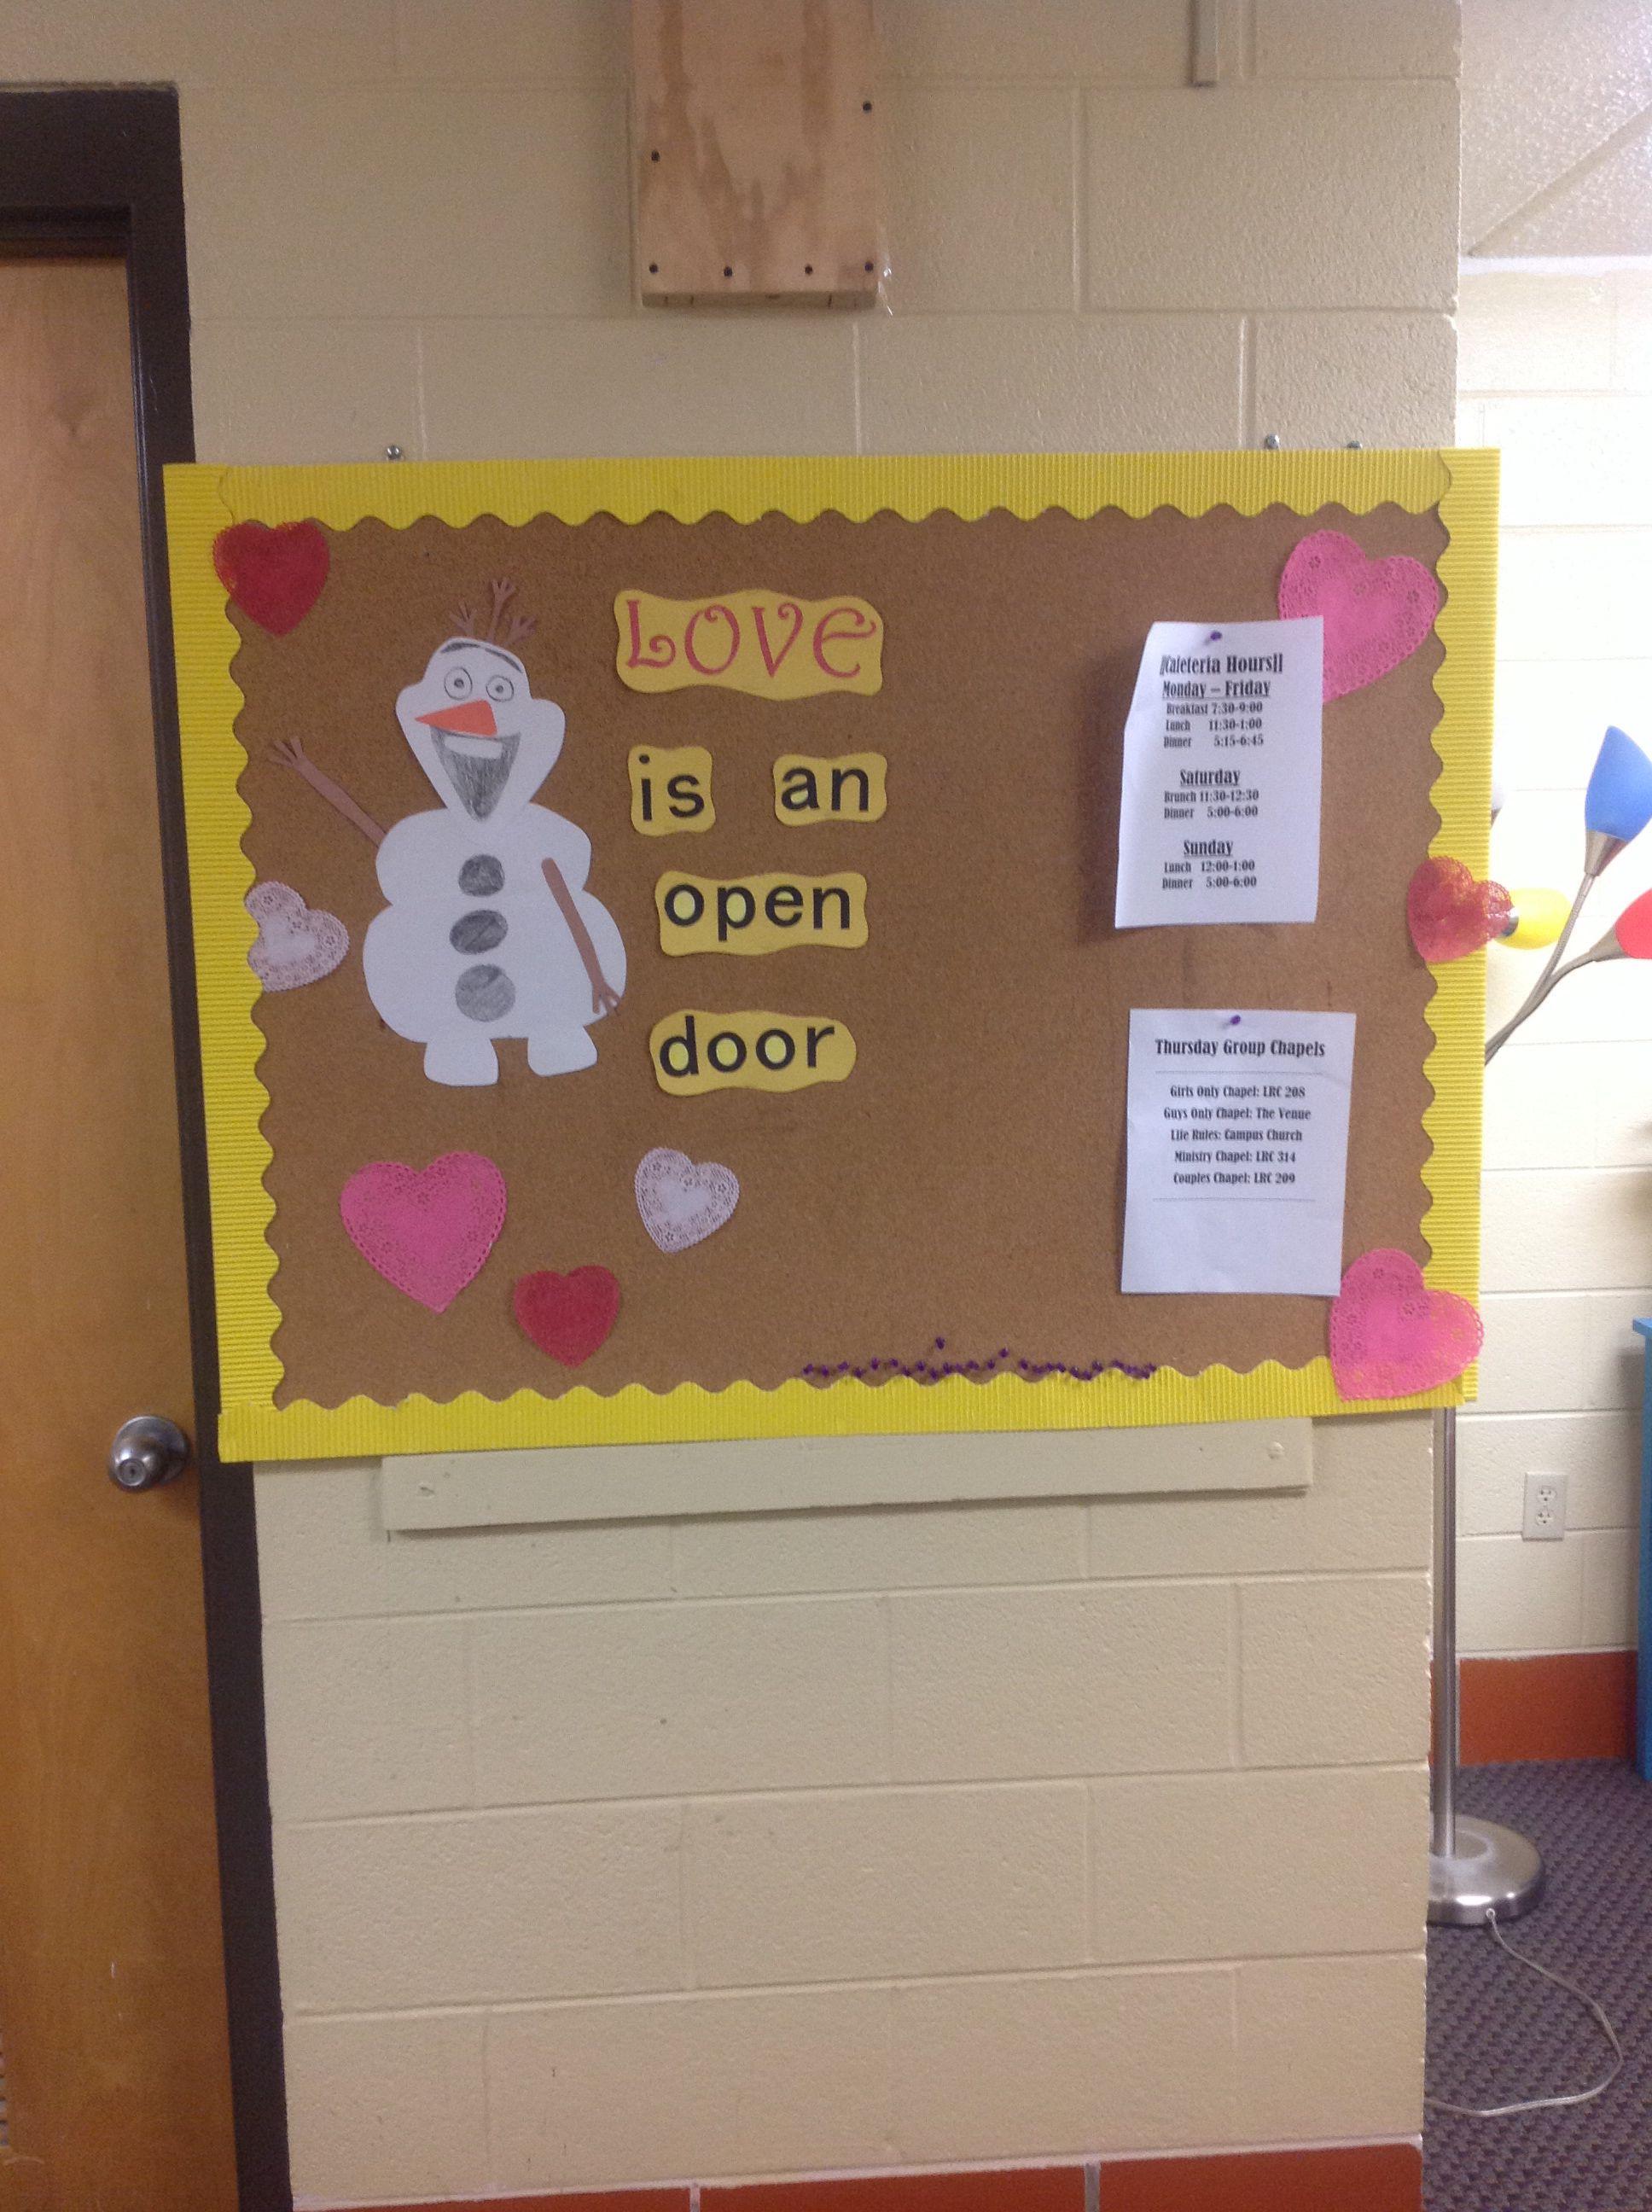 Tennessee Temple University Frozen Bulletin Board